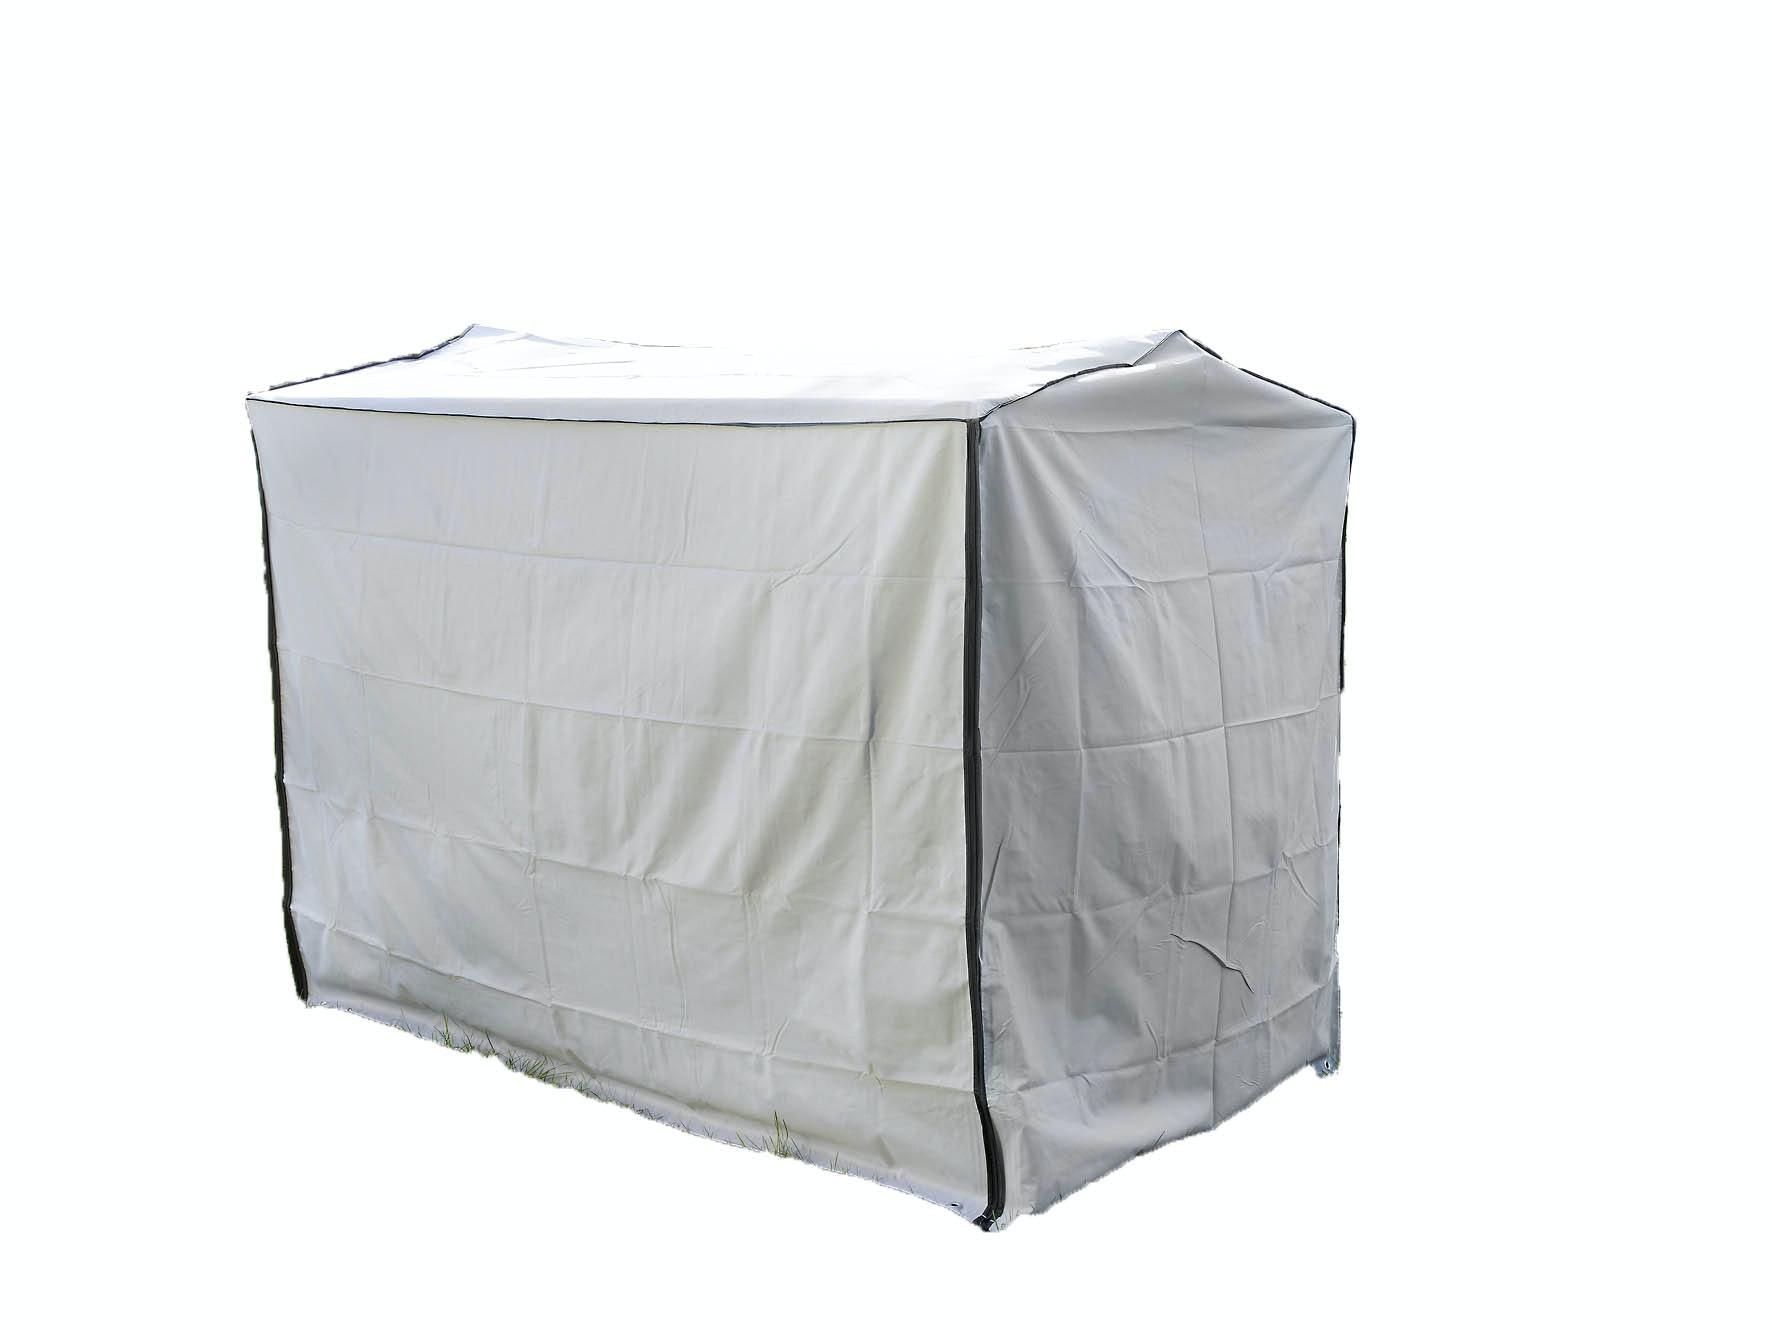 Hammockskydd Brafab 205x130x160cm Grå